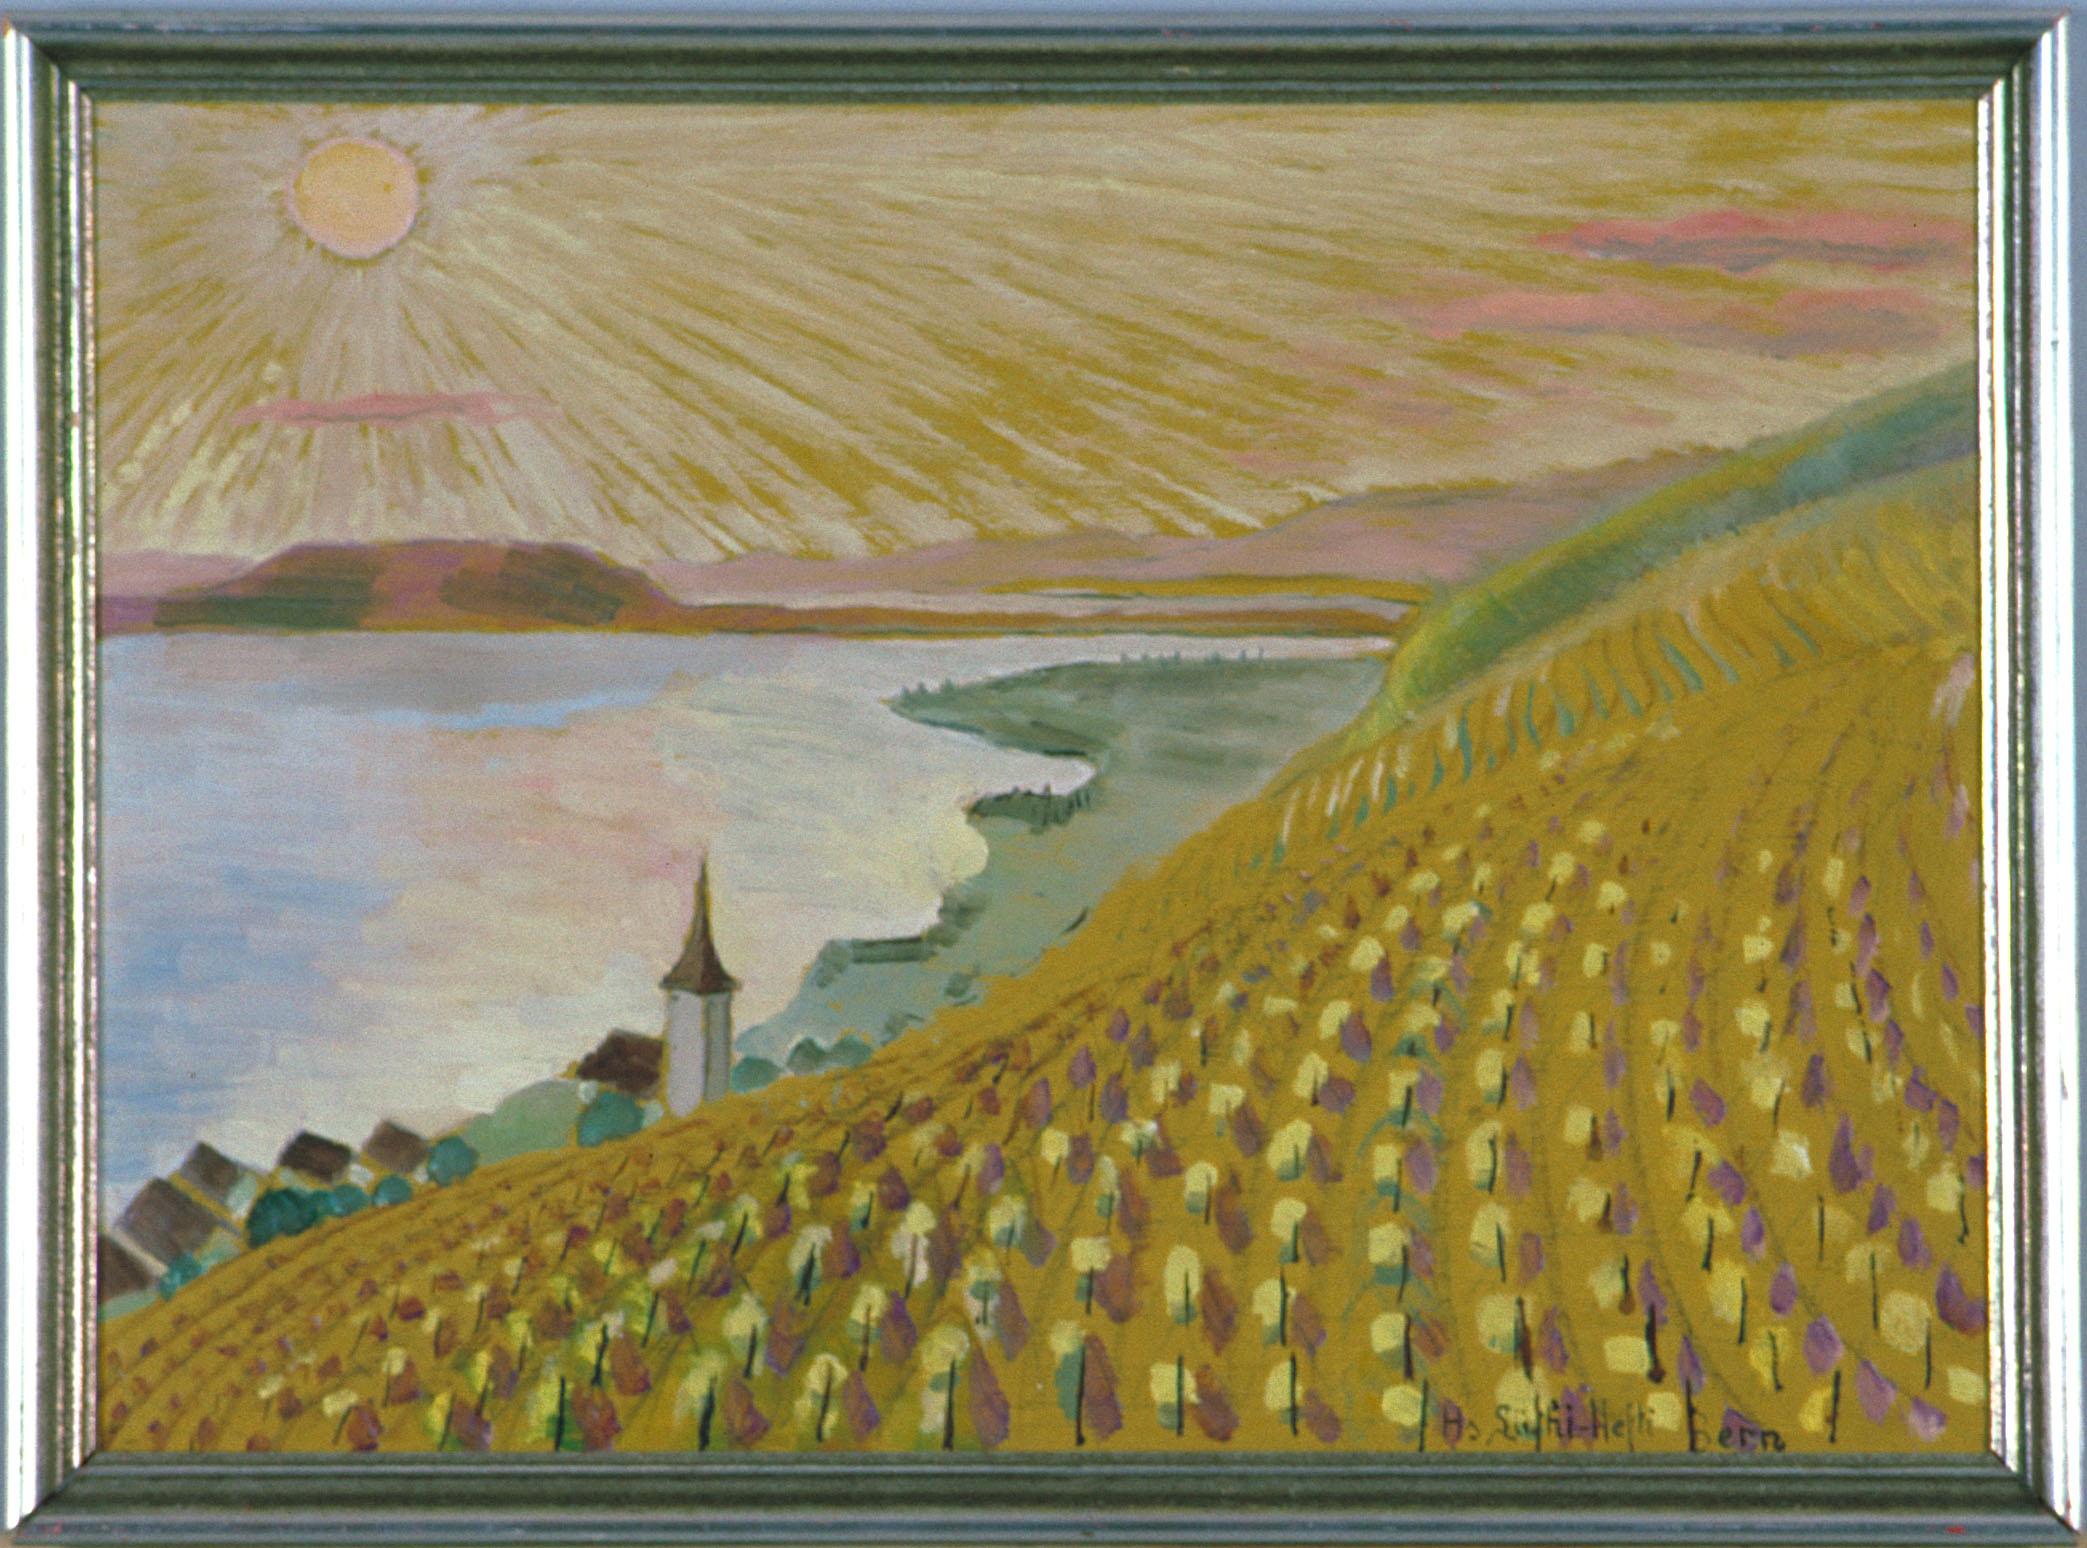 Ein gemaltes Bild mit einer Sonne, Rebbergen, einer Kirche, ein bisschen Grün, dem See und Häusern.